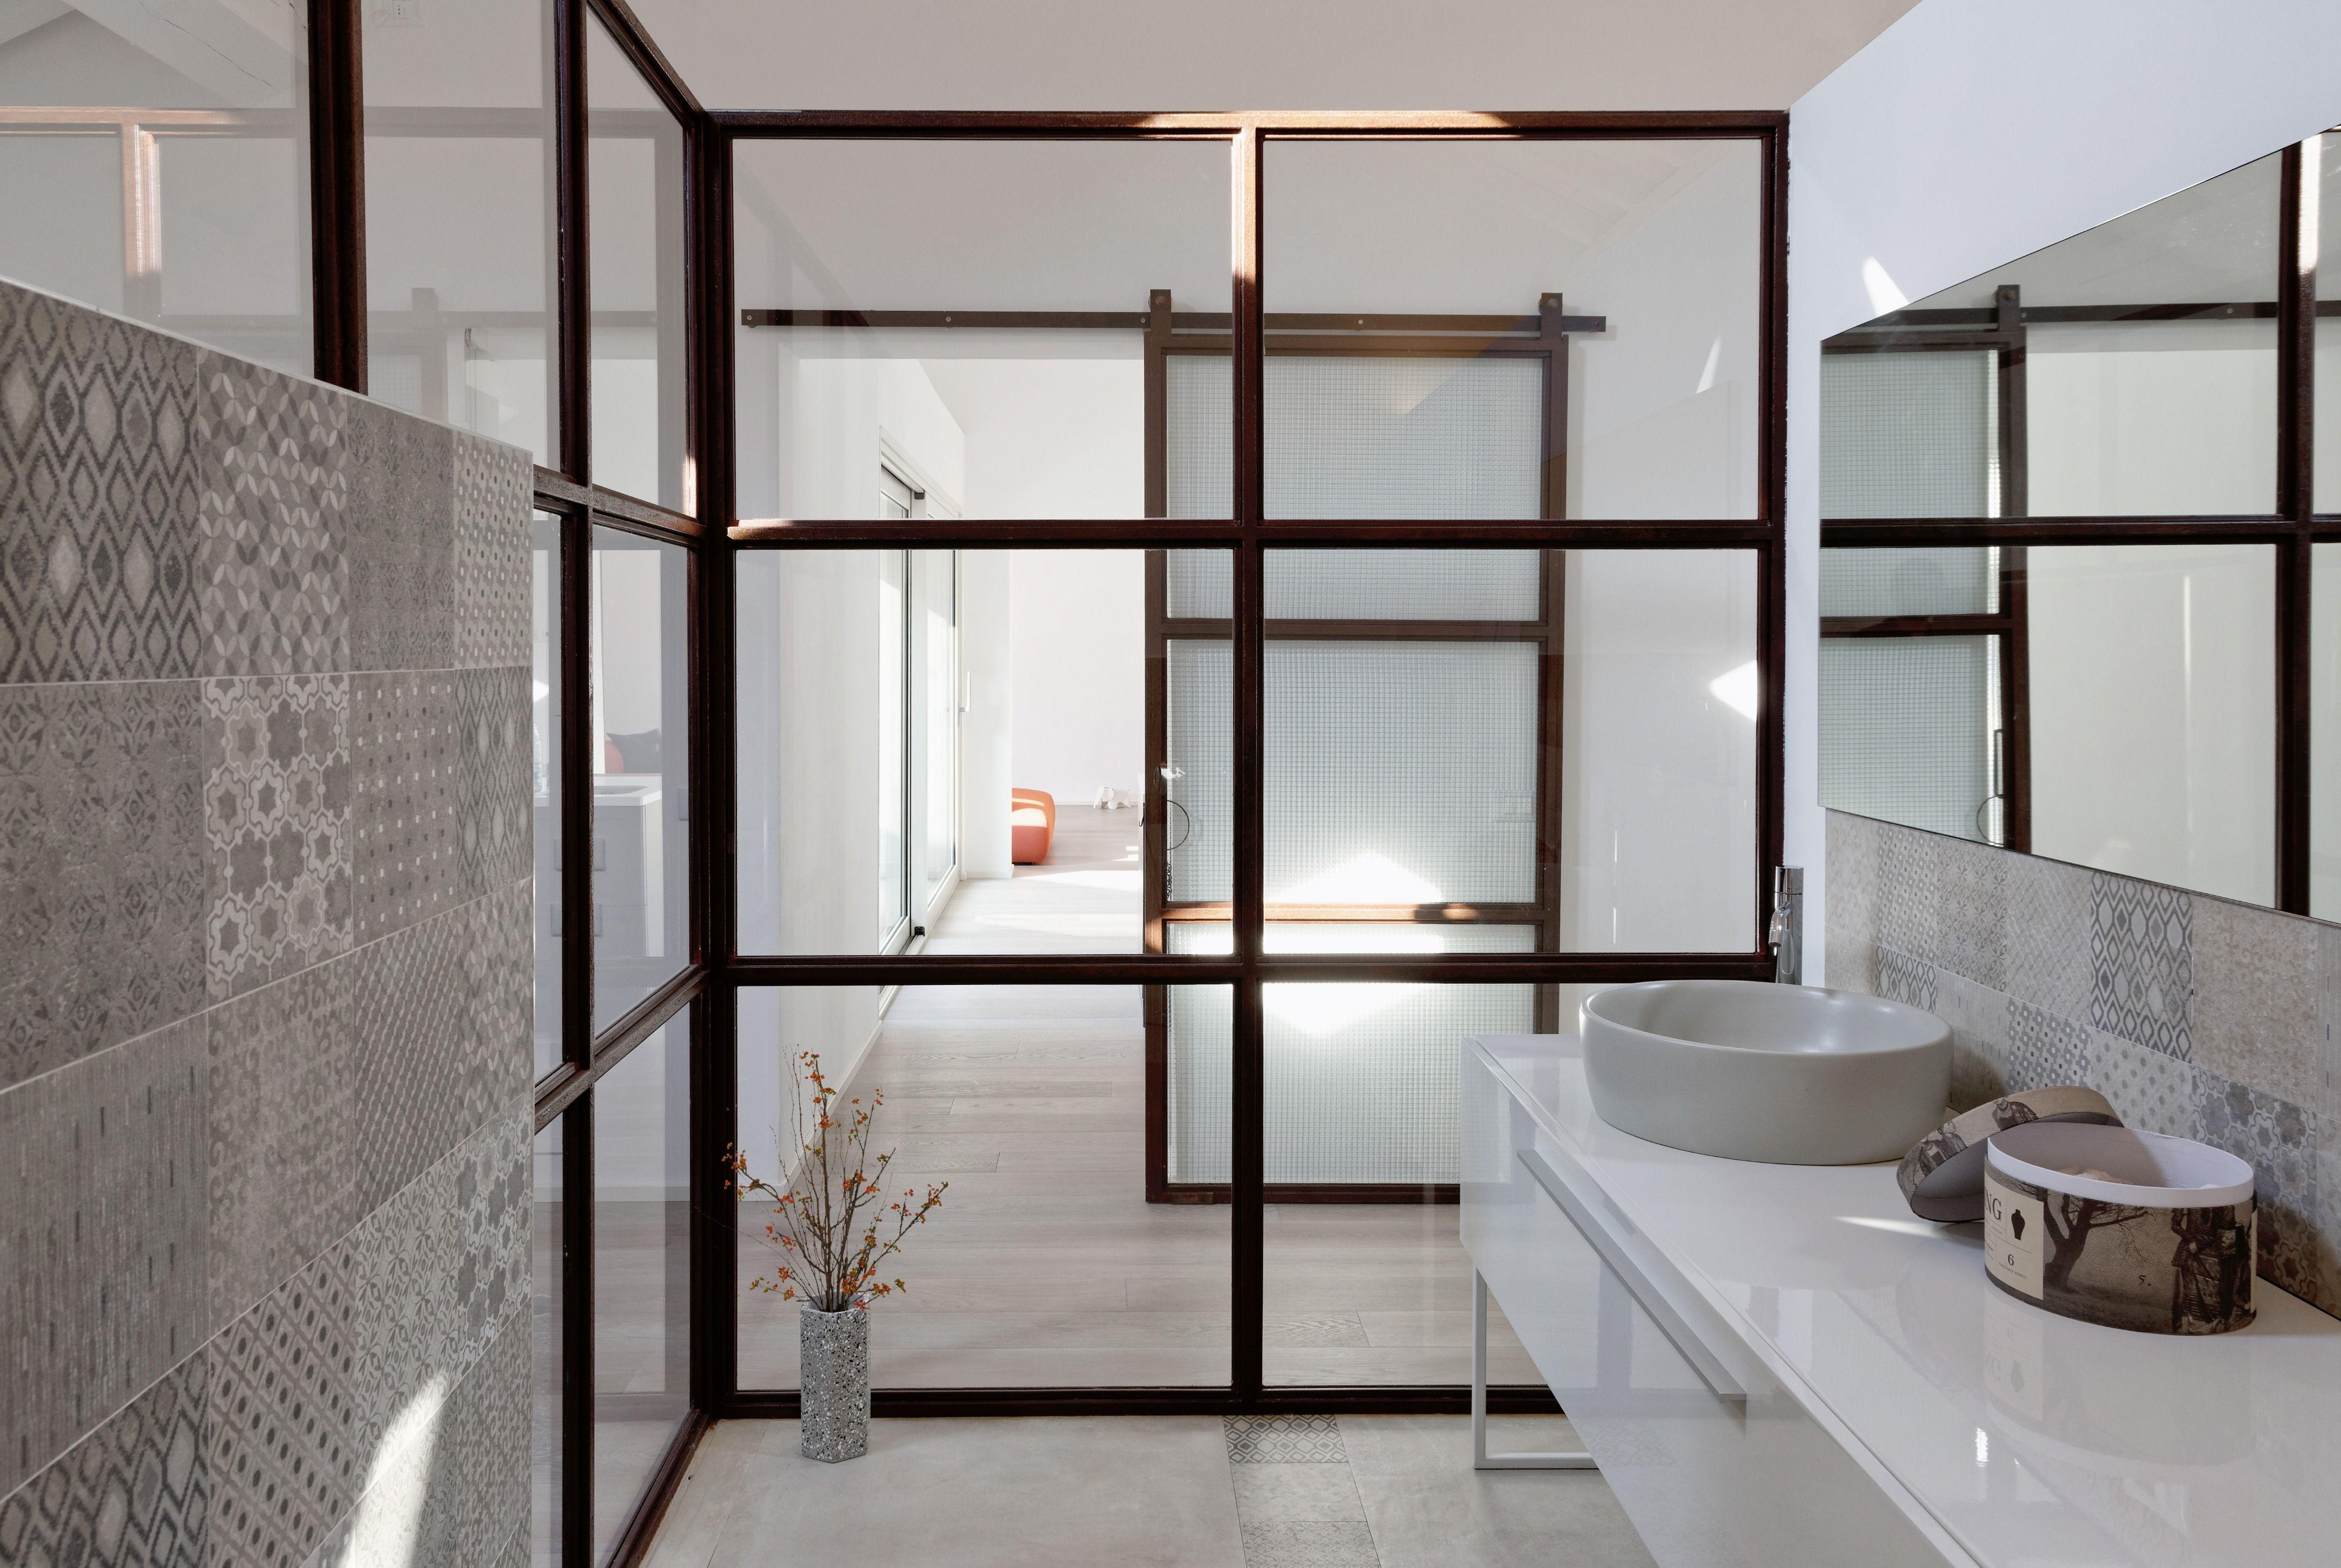 Piastrelle Arancioni Per Bagno v21 house - picture gallery (con immagini) | architettura